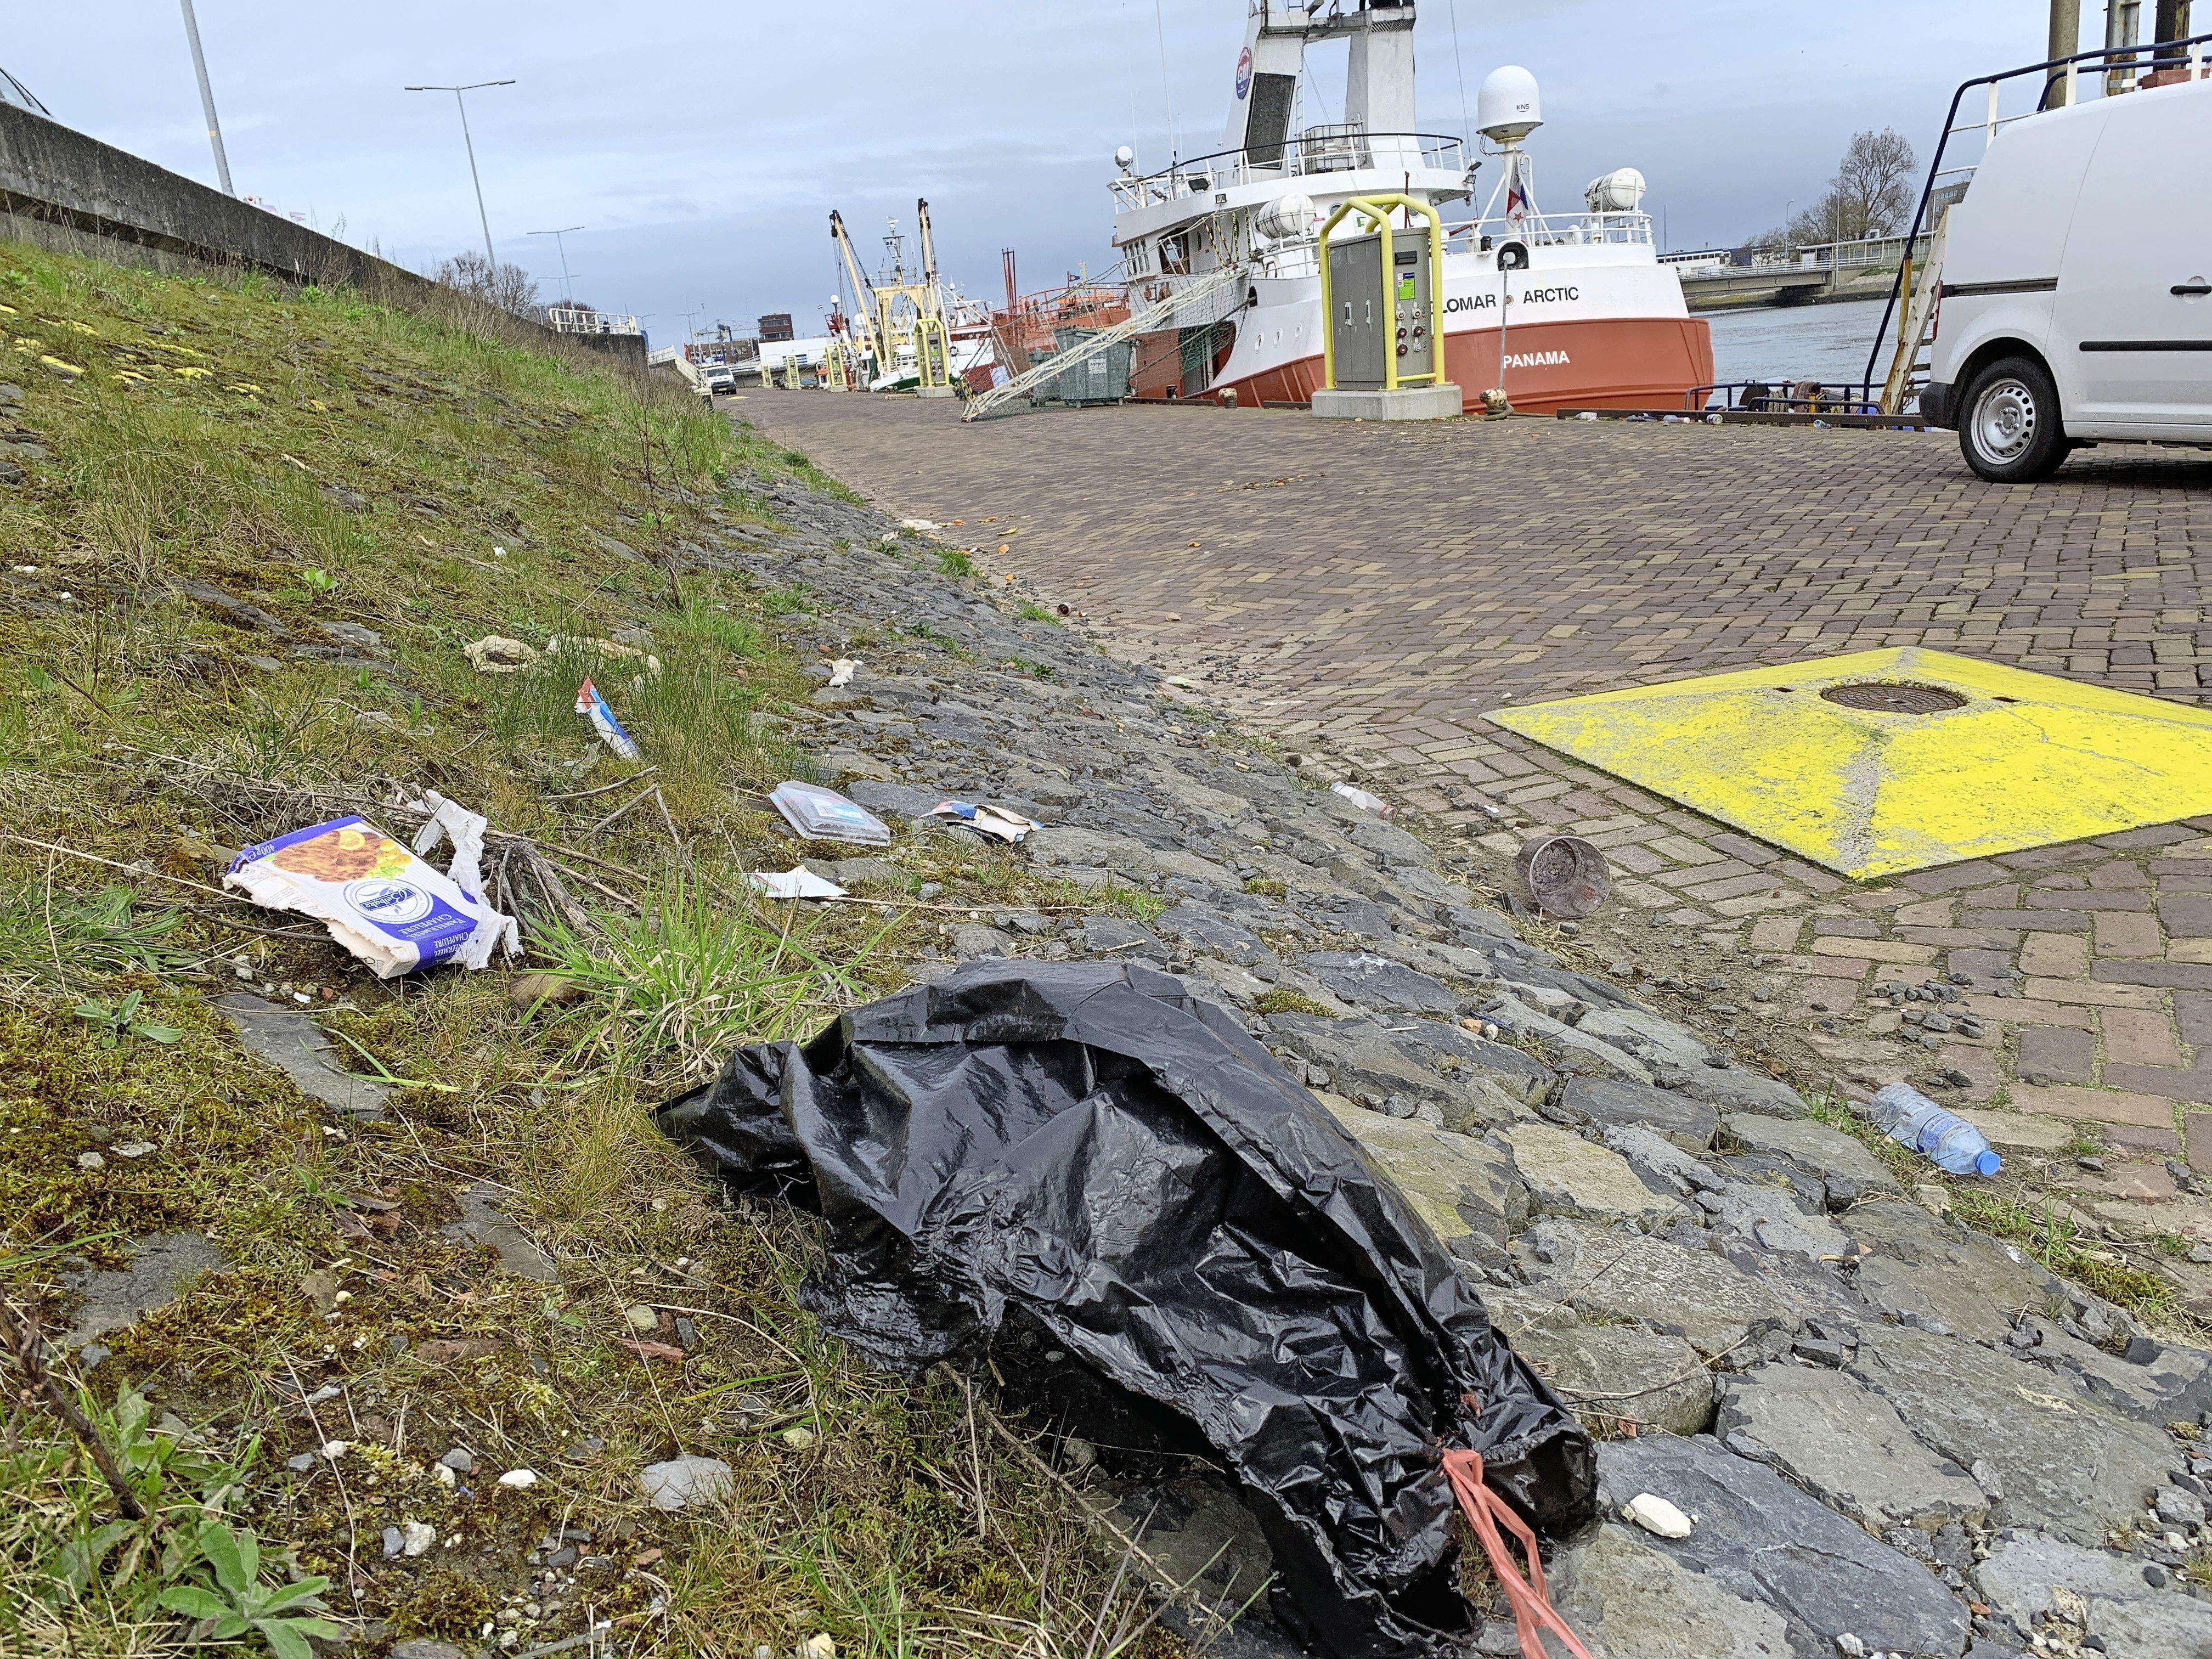 Helderse vissers zijn bang voor ratten op de kade door afval dat niet goed wordt opgeruimd; het havenbedrijf belooft beterschap